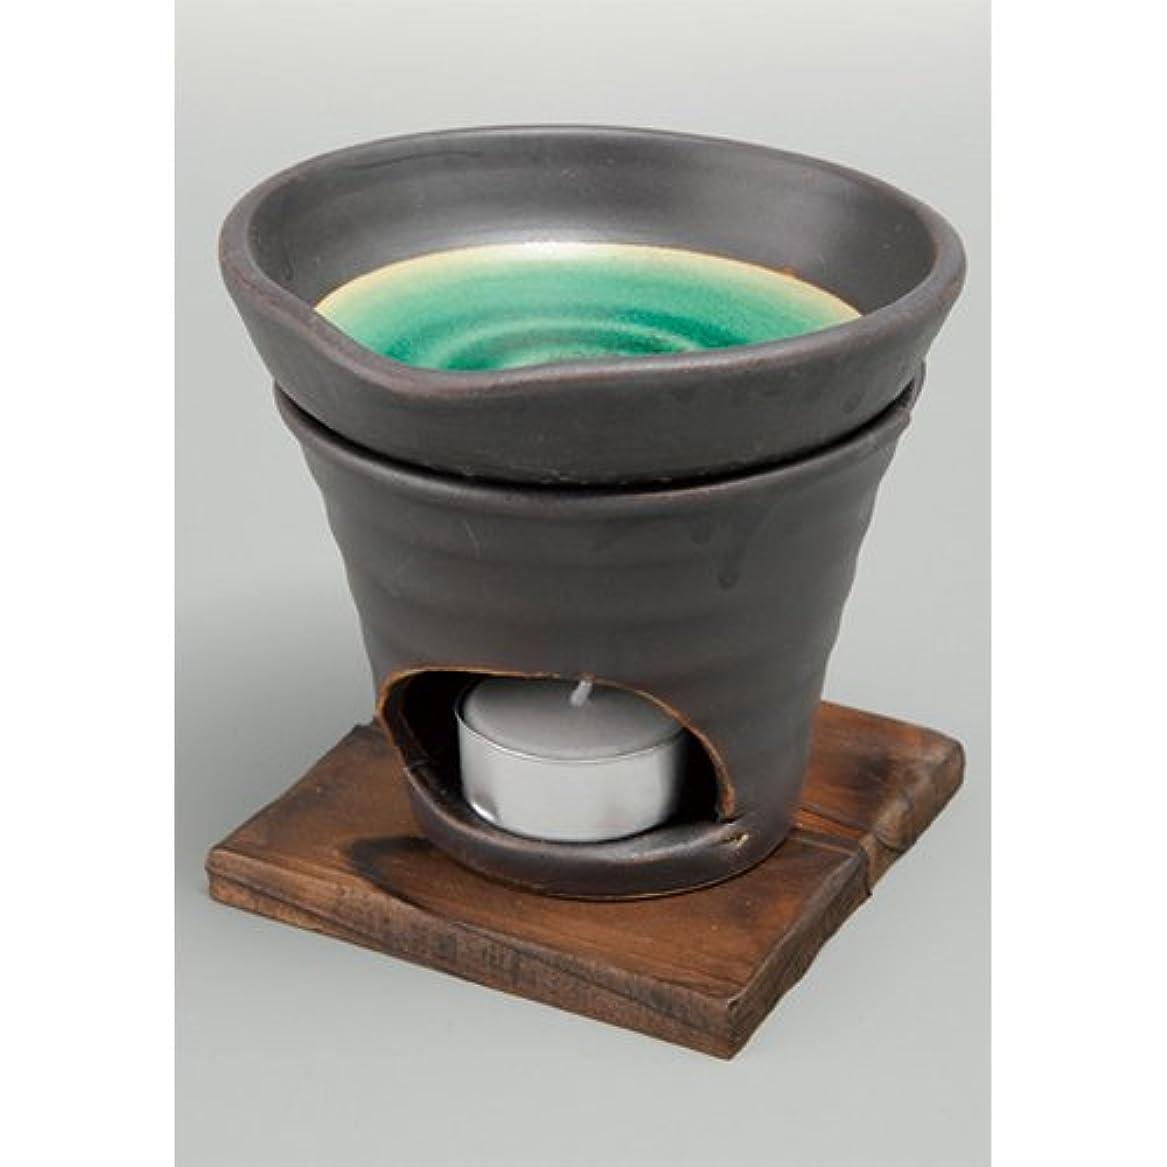 北極圏首ハードリング香炉 黒釉 茶香炉(緑) [R11.8xH11.5cm] HANDMADE プレゼント ギフト 和食器 かわいい インテリア